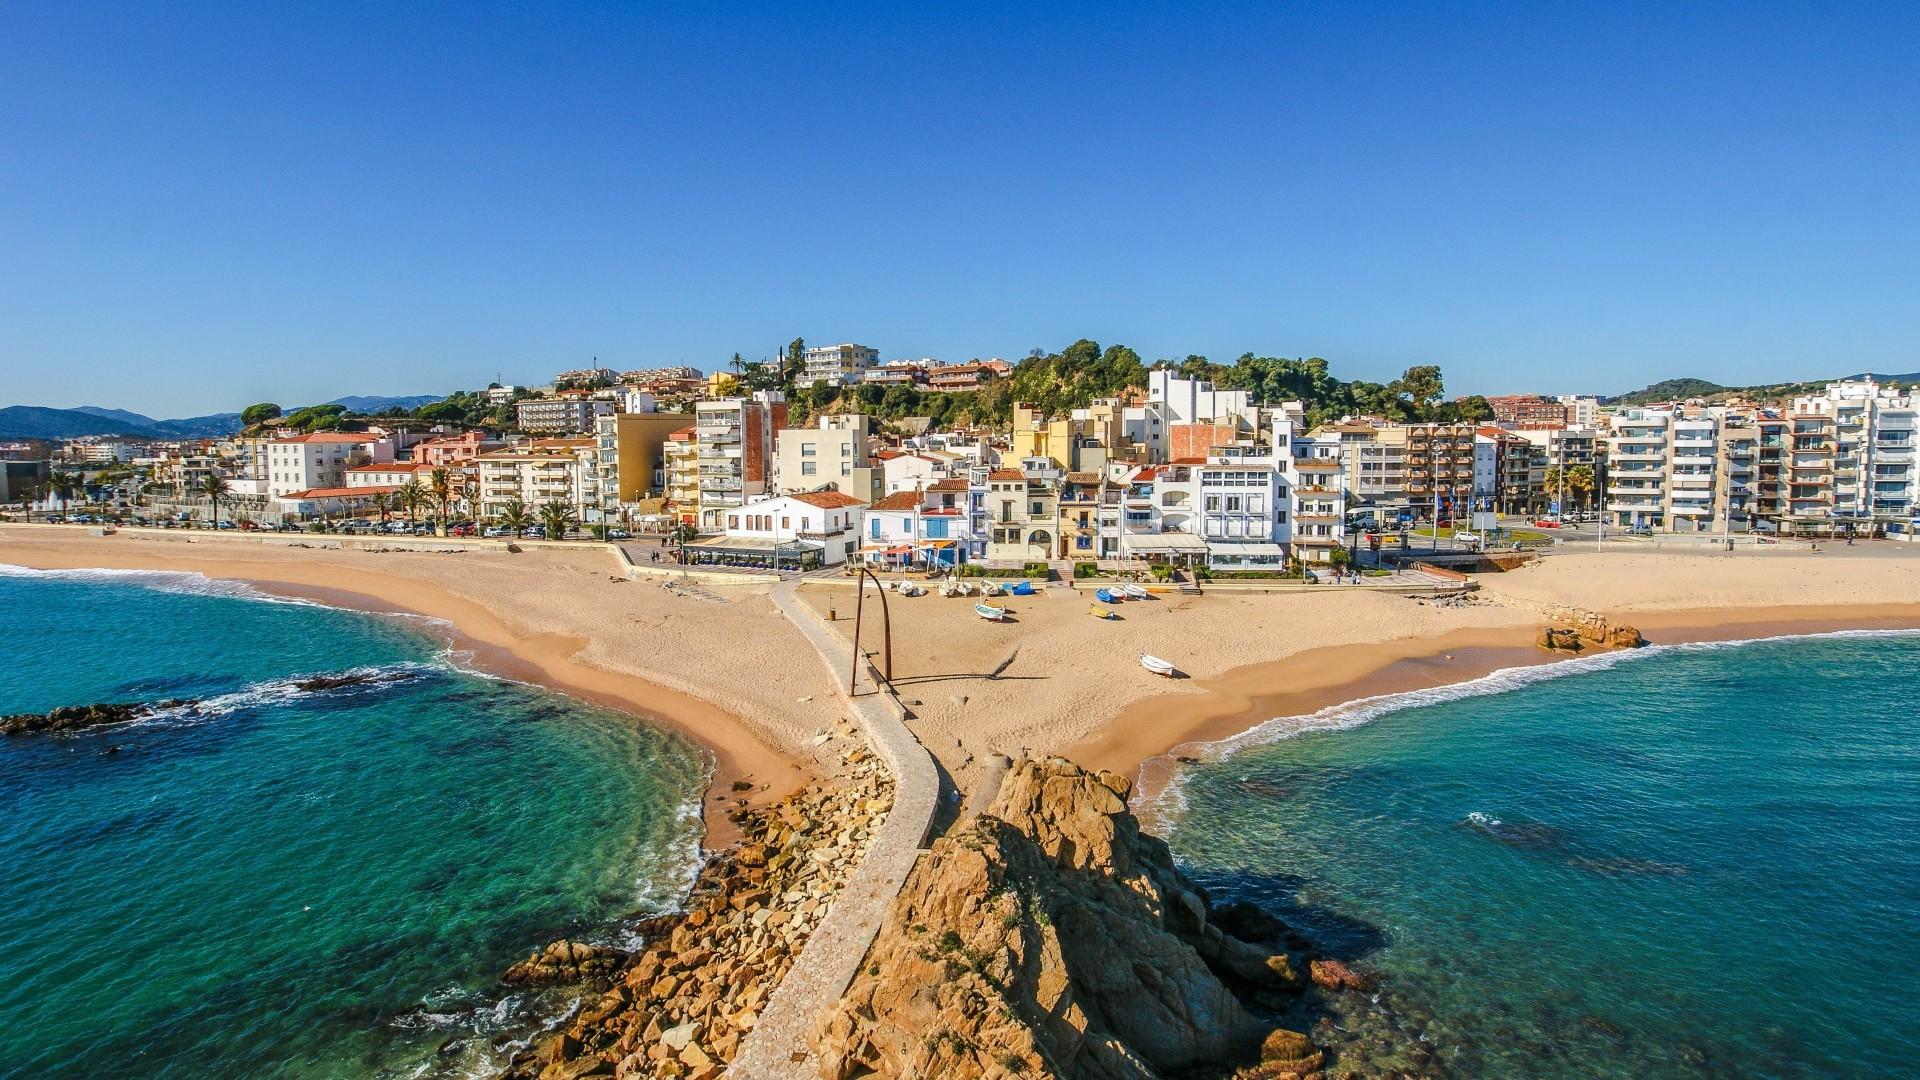 Res: 1920x1080, Full HD Wallpaper Ibiza mediterranean sea beach